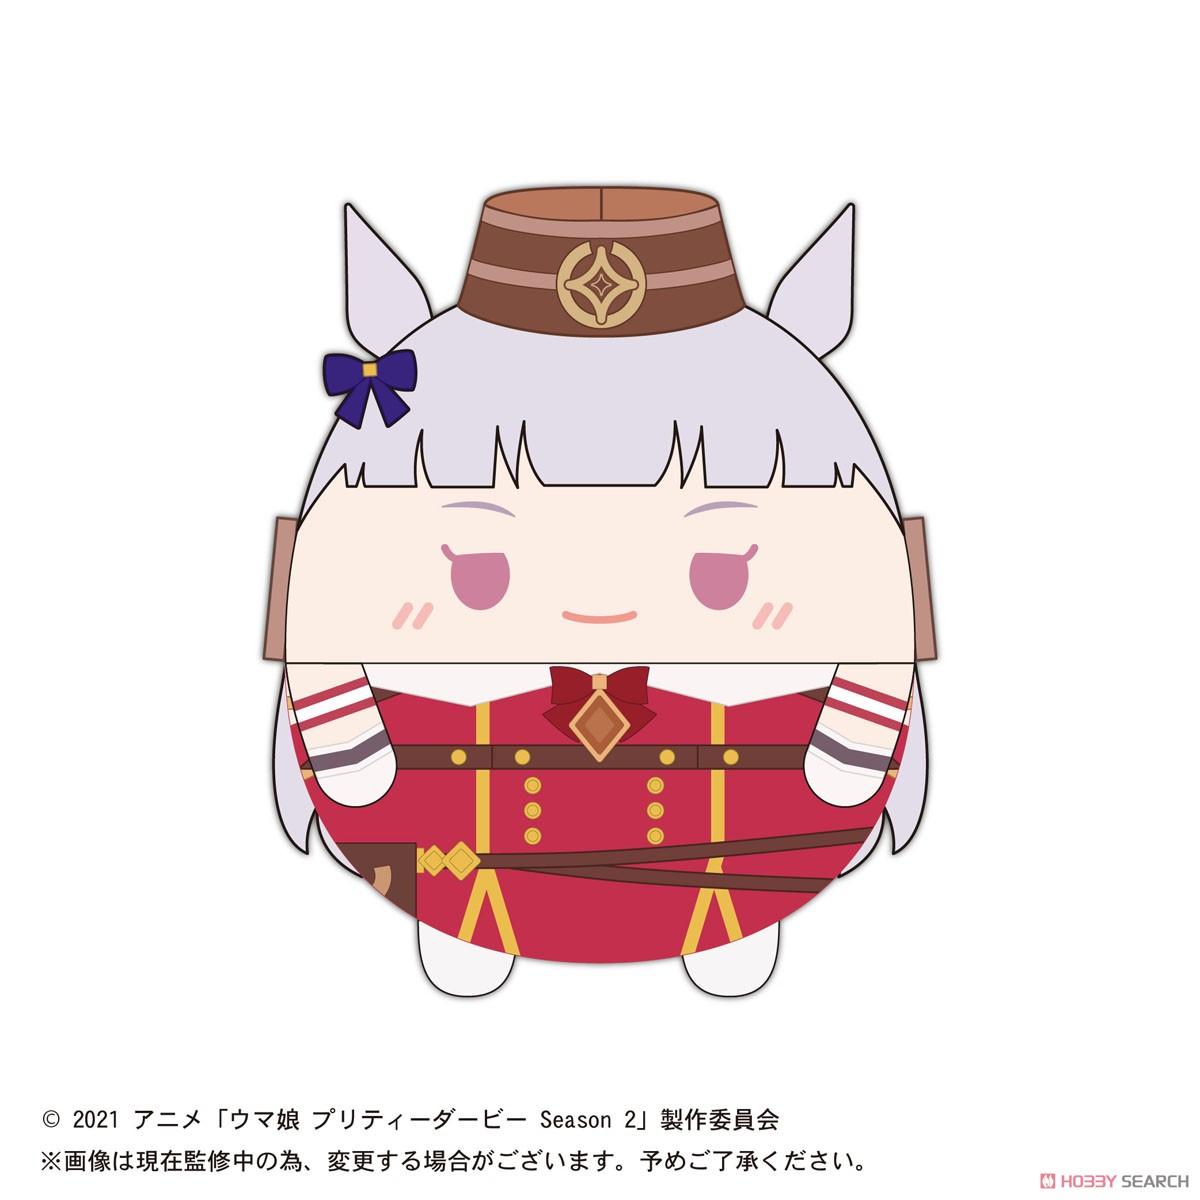 ウマ娘『TVアニメ ウマ娘 プリティーダービー Season2 ふわコロりん』8個入りBOX-004